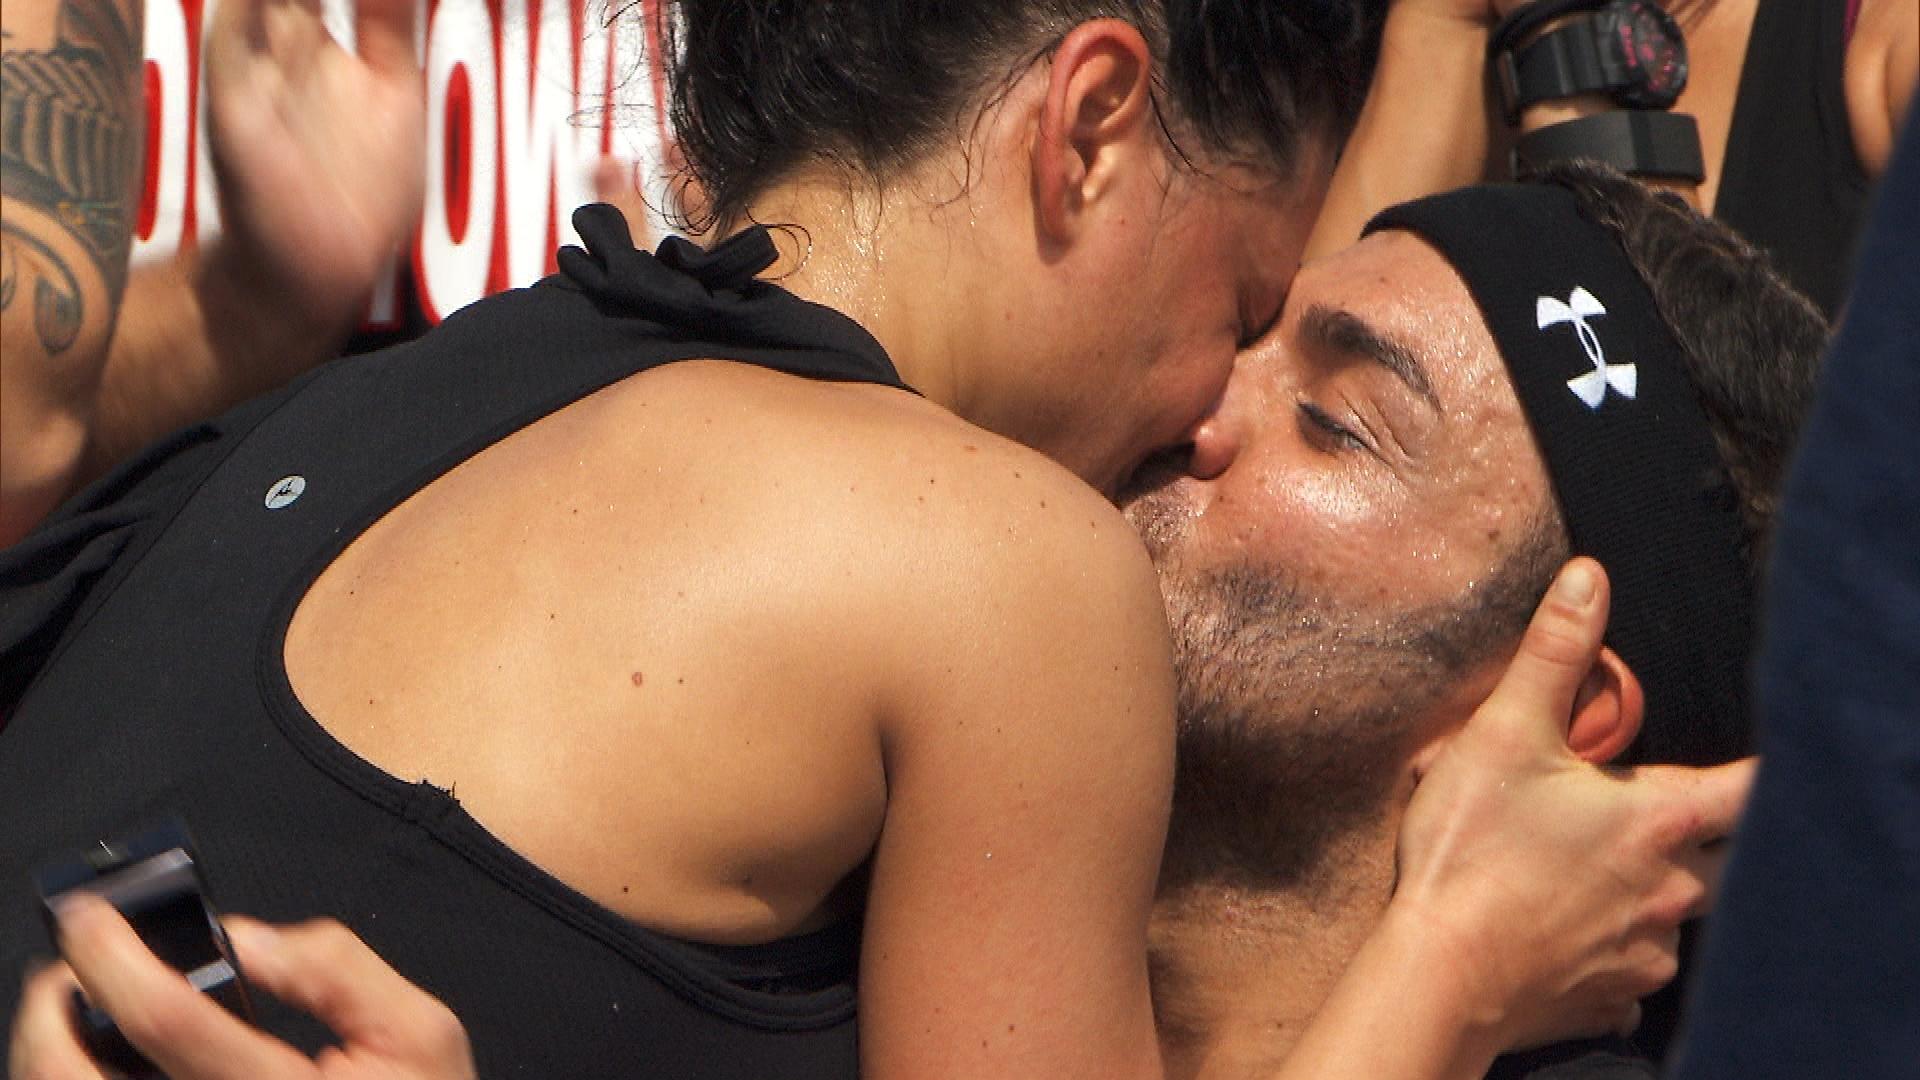 A celebratory kiss